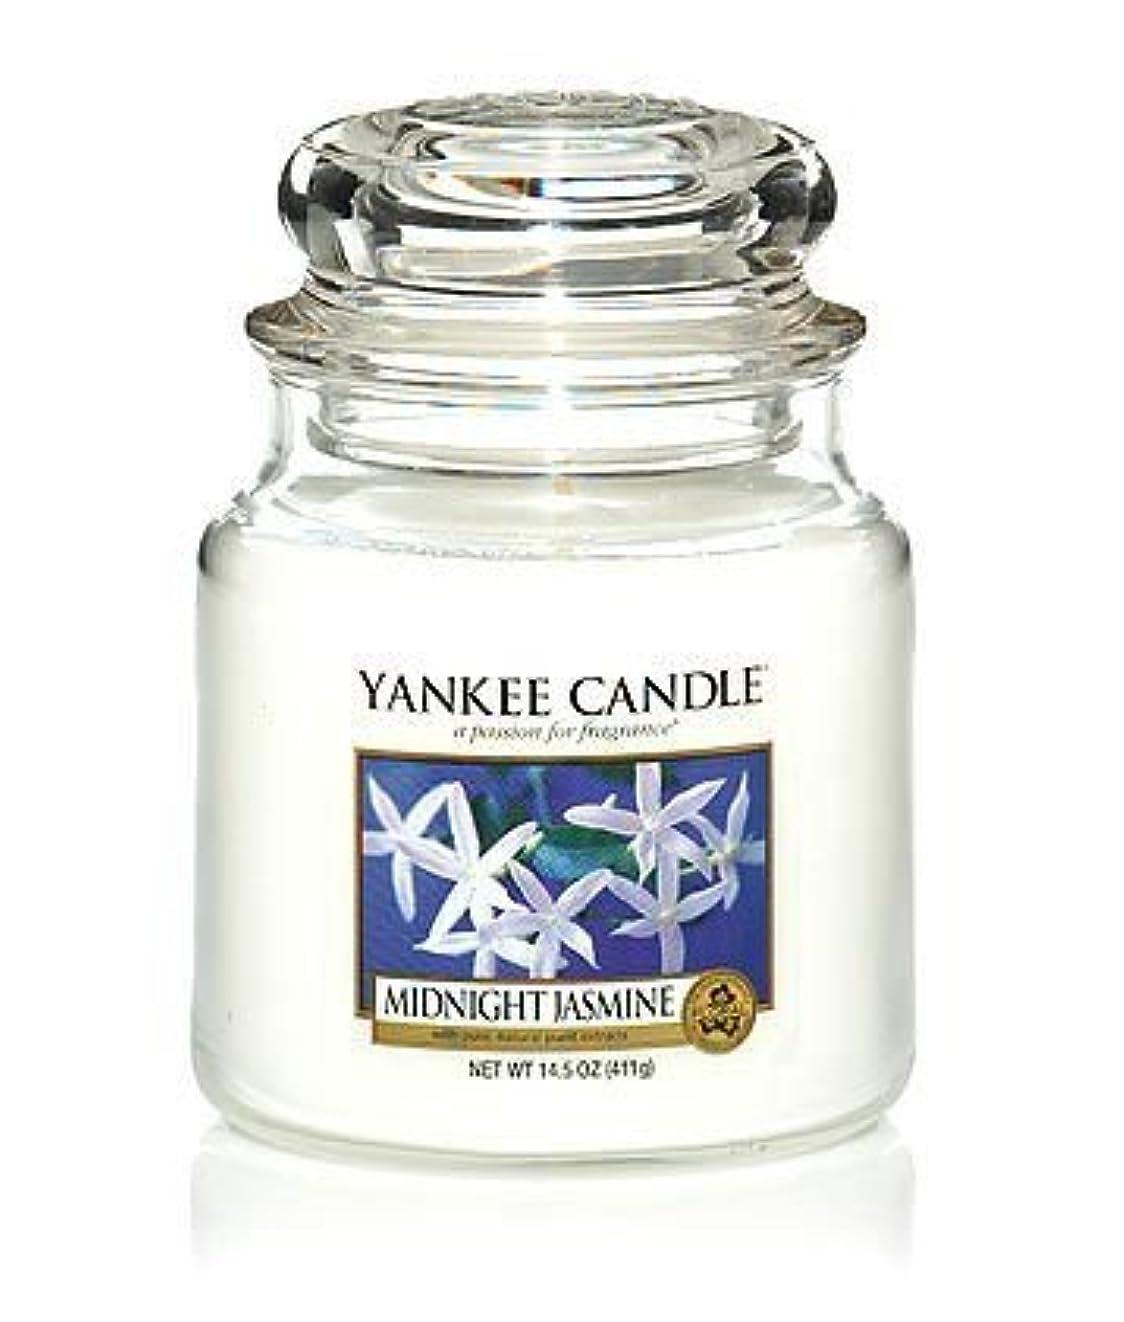 封筒ジョガー荒涼としたYankee Candle Midnight Jasmine Medium Jar Candle, Floral Scent by Yankee Candle [並行輸入品]